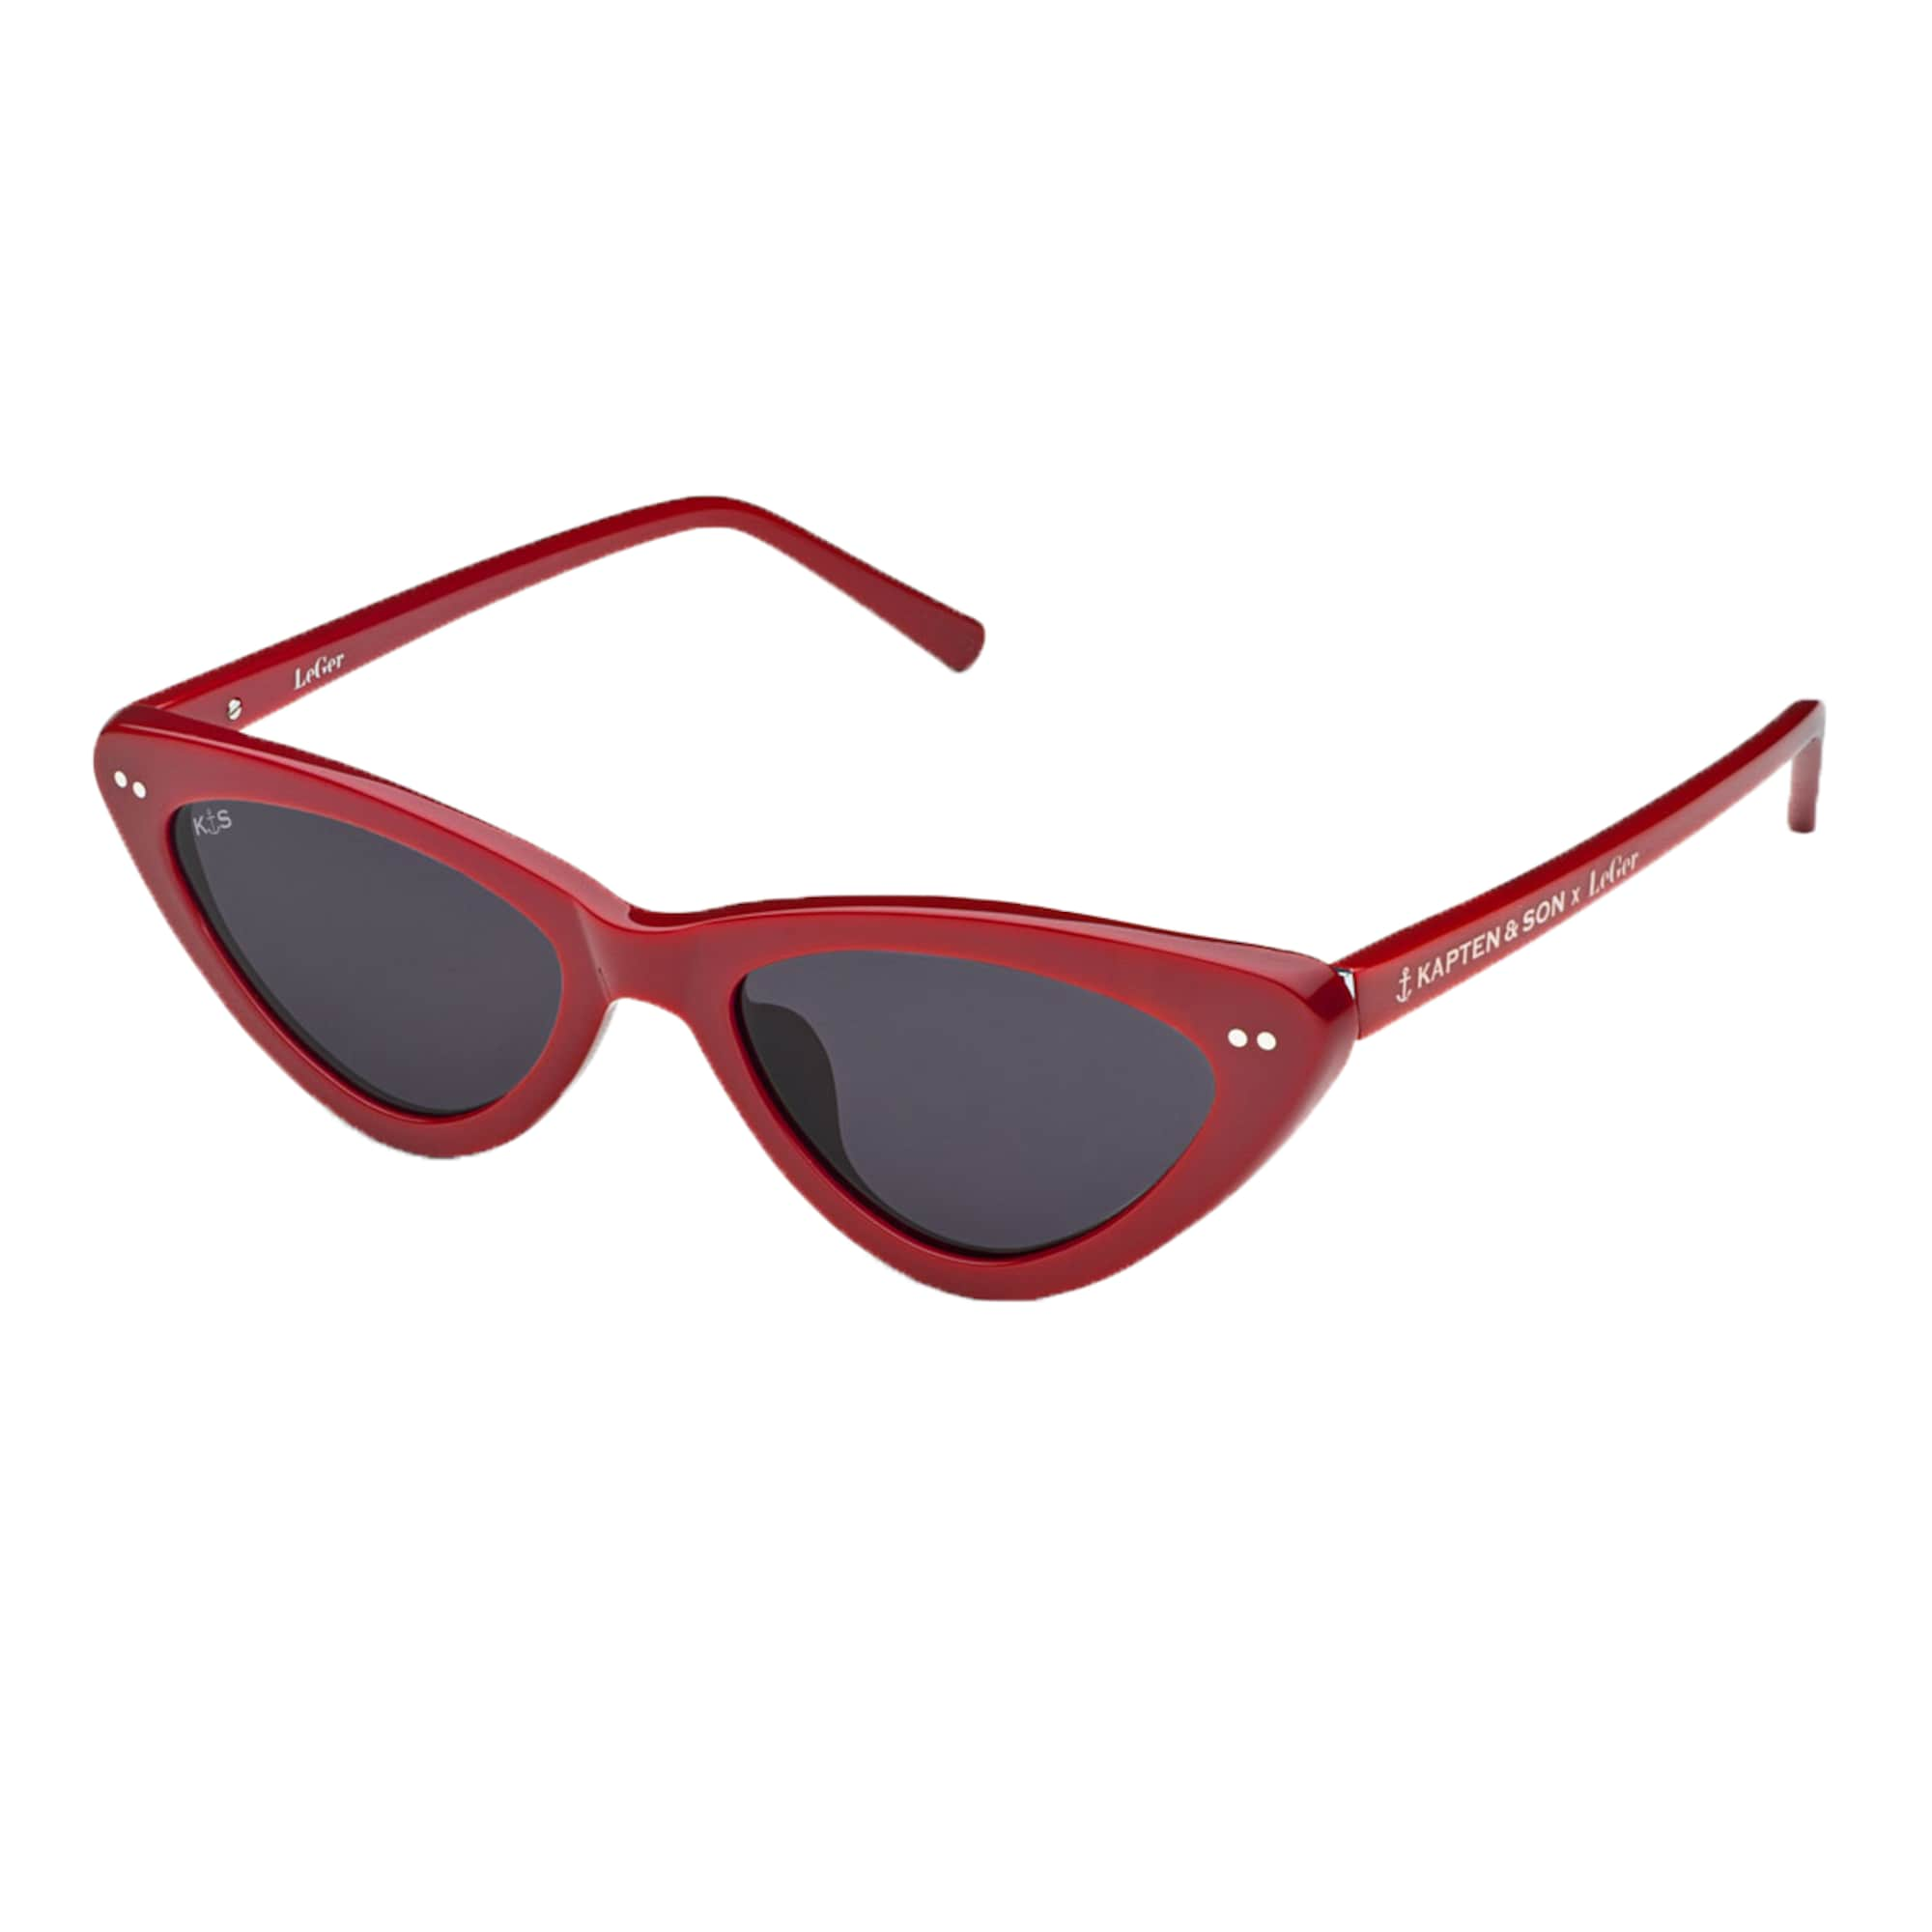 Sluneční brýle LeGer Waikiki Gloss Red červená Kapten & Son